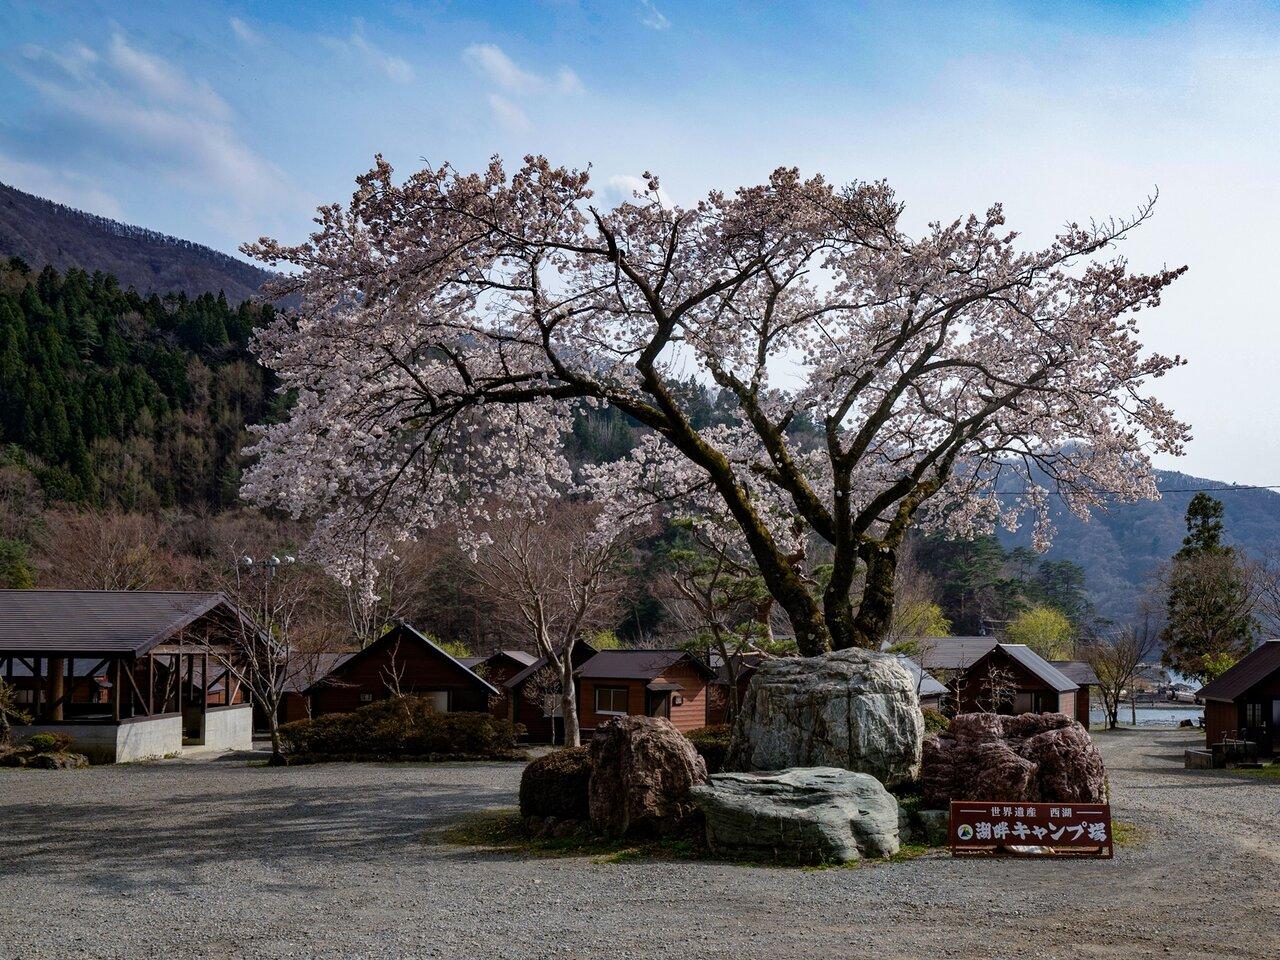 富士五湖、西湖のキャンプ場!樹海が魅せる自然を冬でも満喫。初心者でも安心な湖畔キャンプ場!